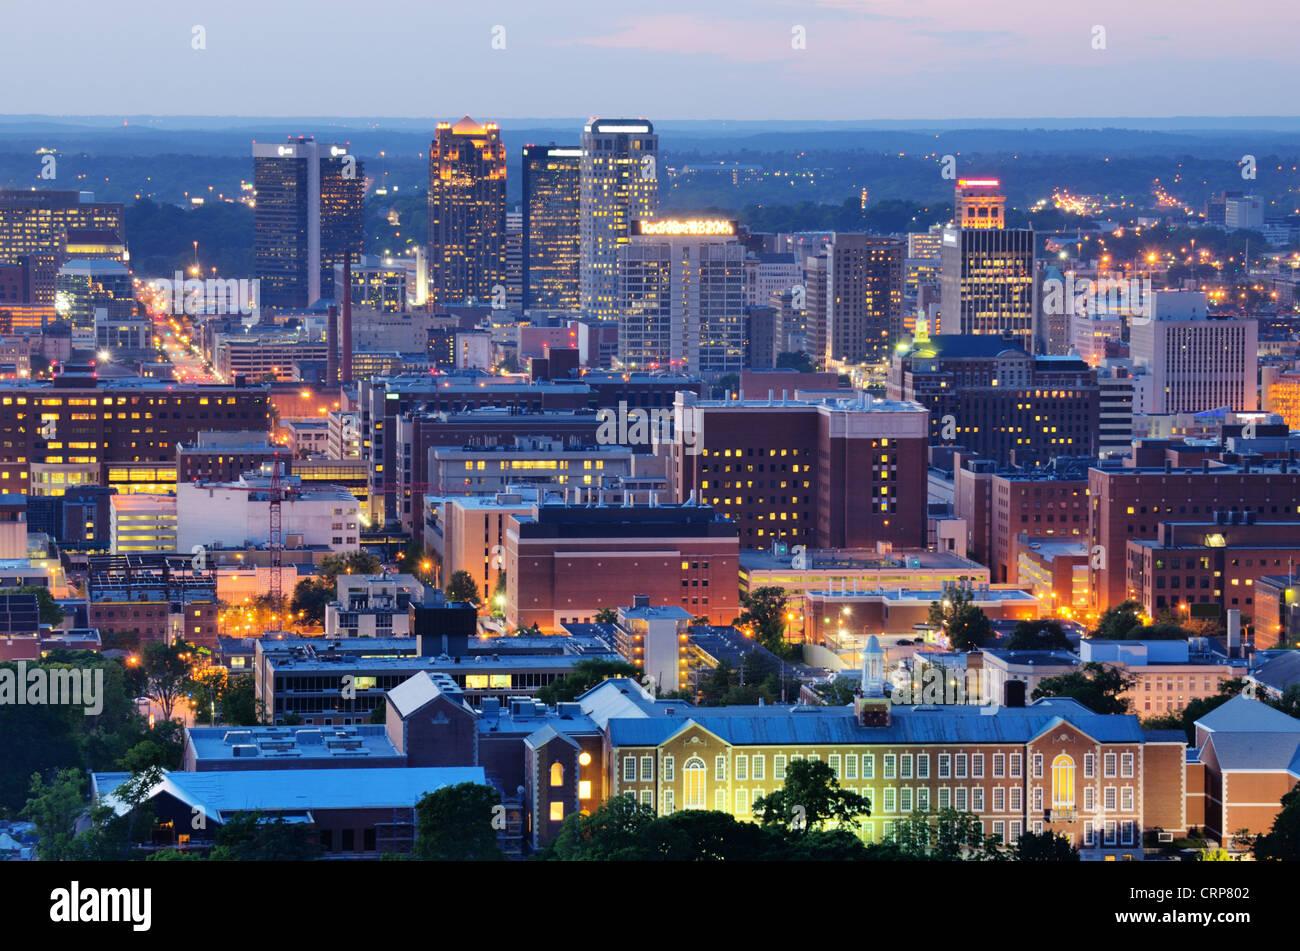 Metropolitan Skyline der Innenstadt von Birmingham, Alabama, USA. Stockbild